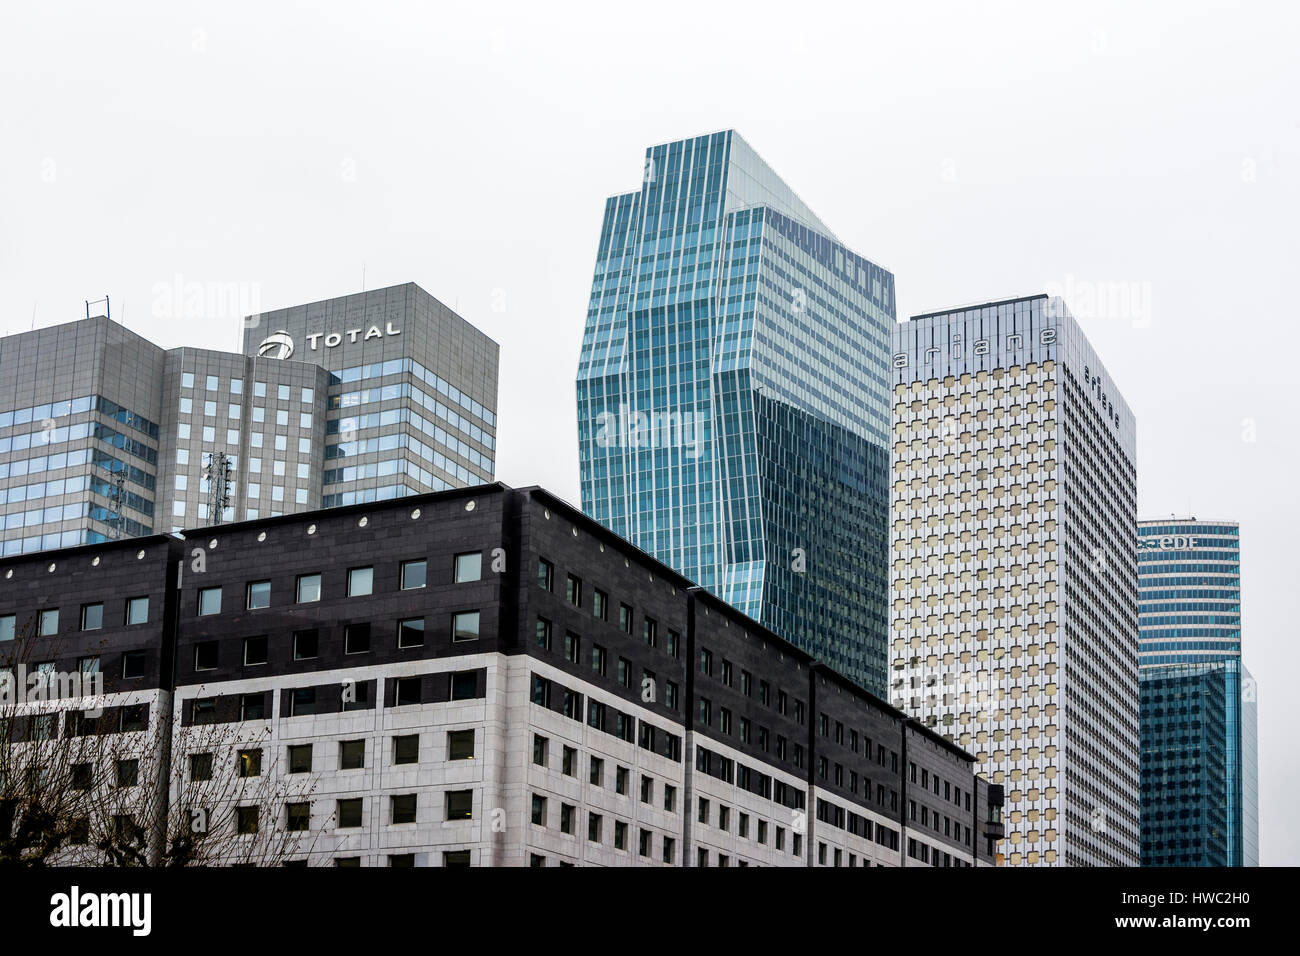 Financial district of La Defense. Paris. France - Stock Image